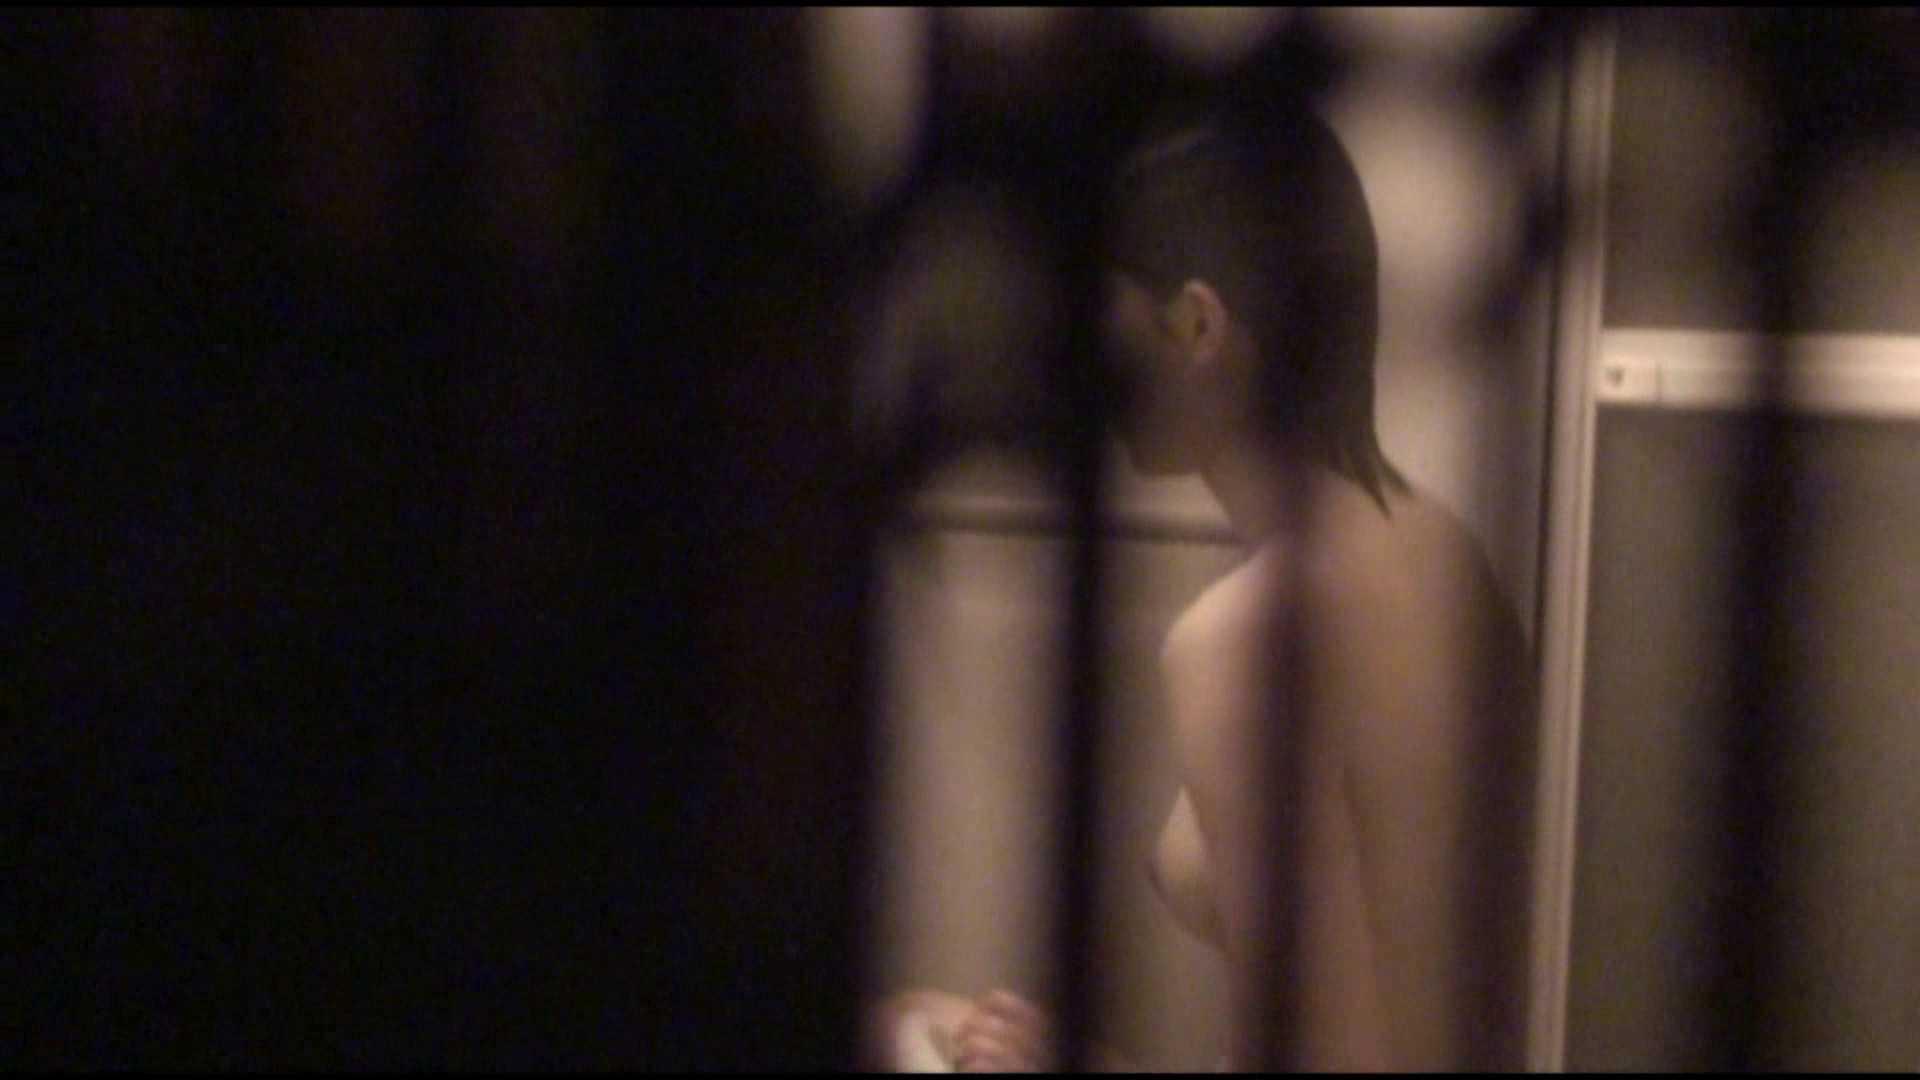 無修正エロ動画|vol.05最高の極上美人!可愛い彼女の裸体をどうぞ!風呂上り鏡チェックも必見!|怪盗ジョーカー